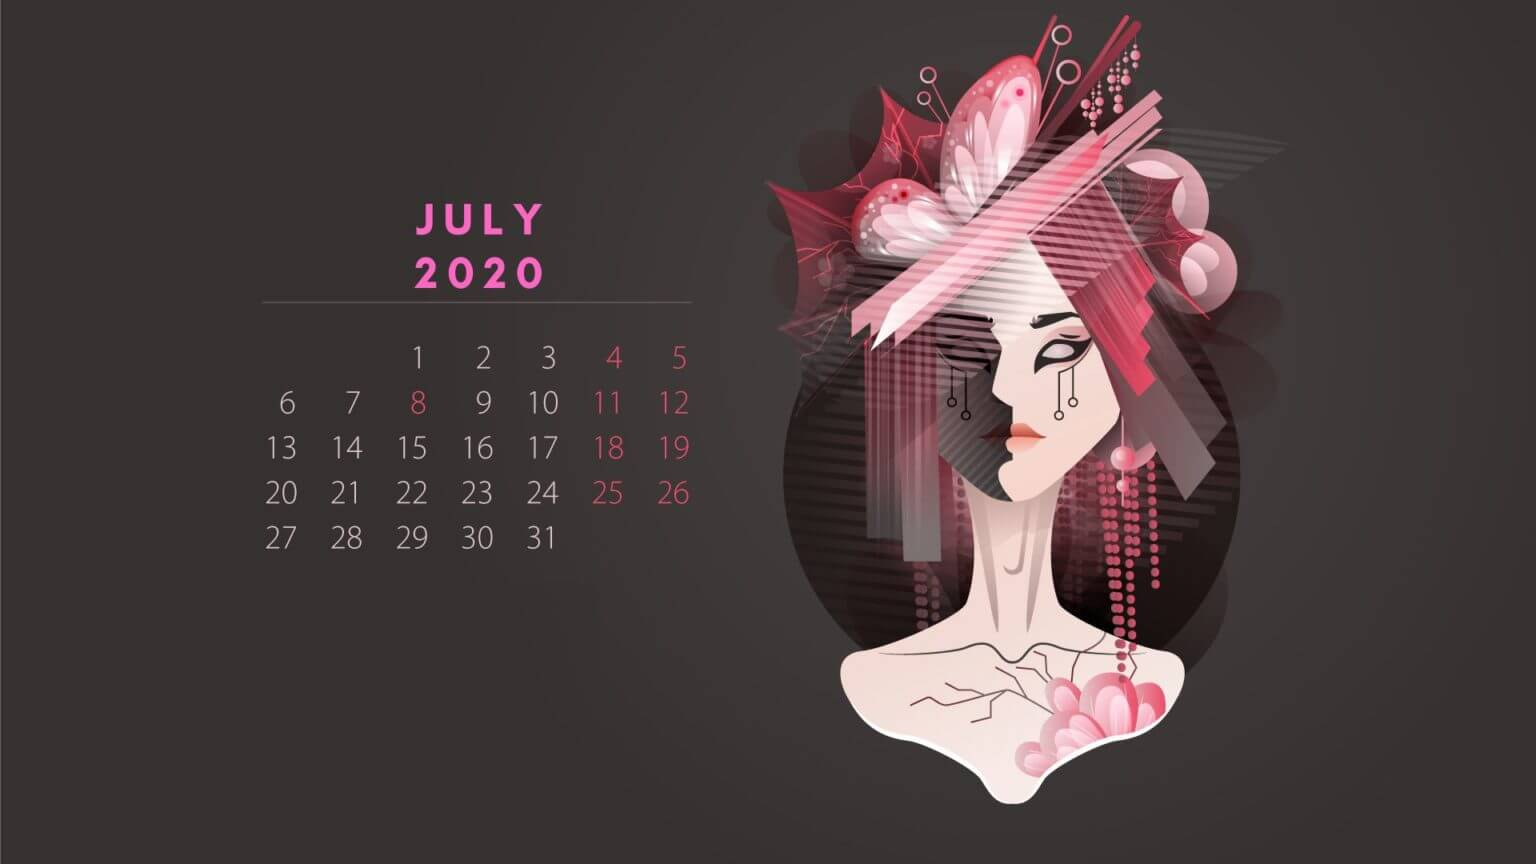 July 2020 HD Calendar Wallpaper